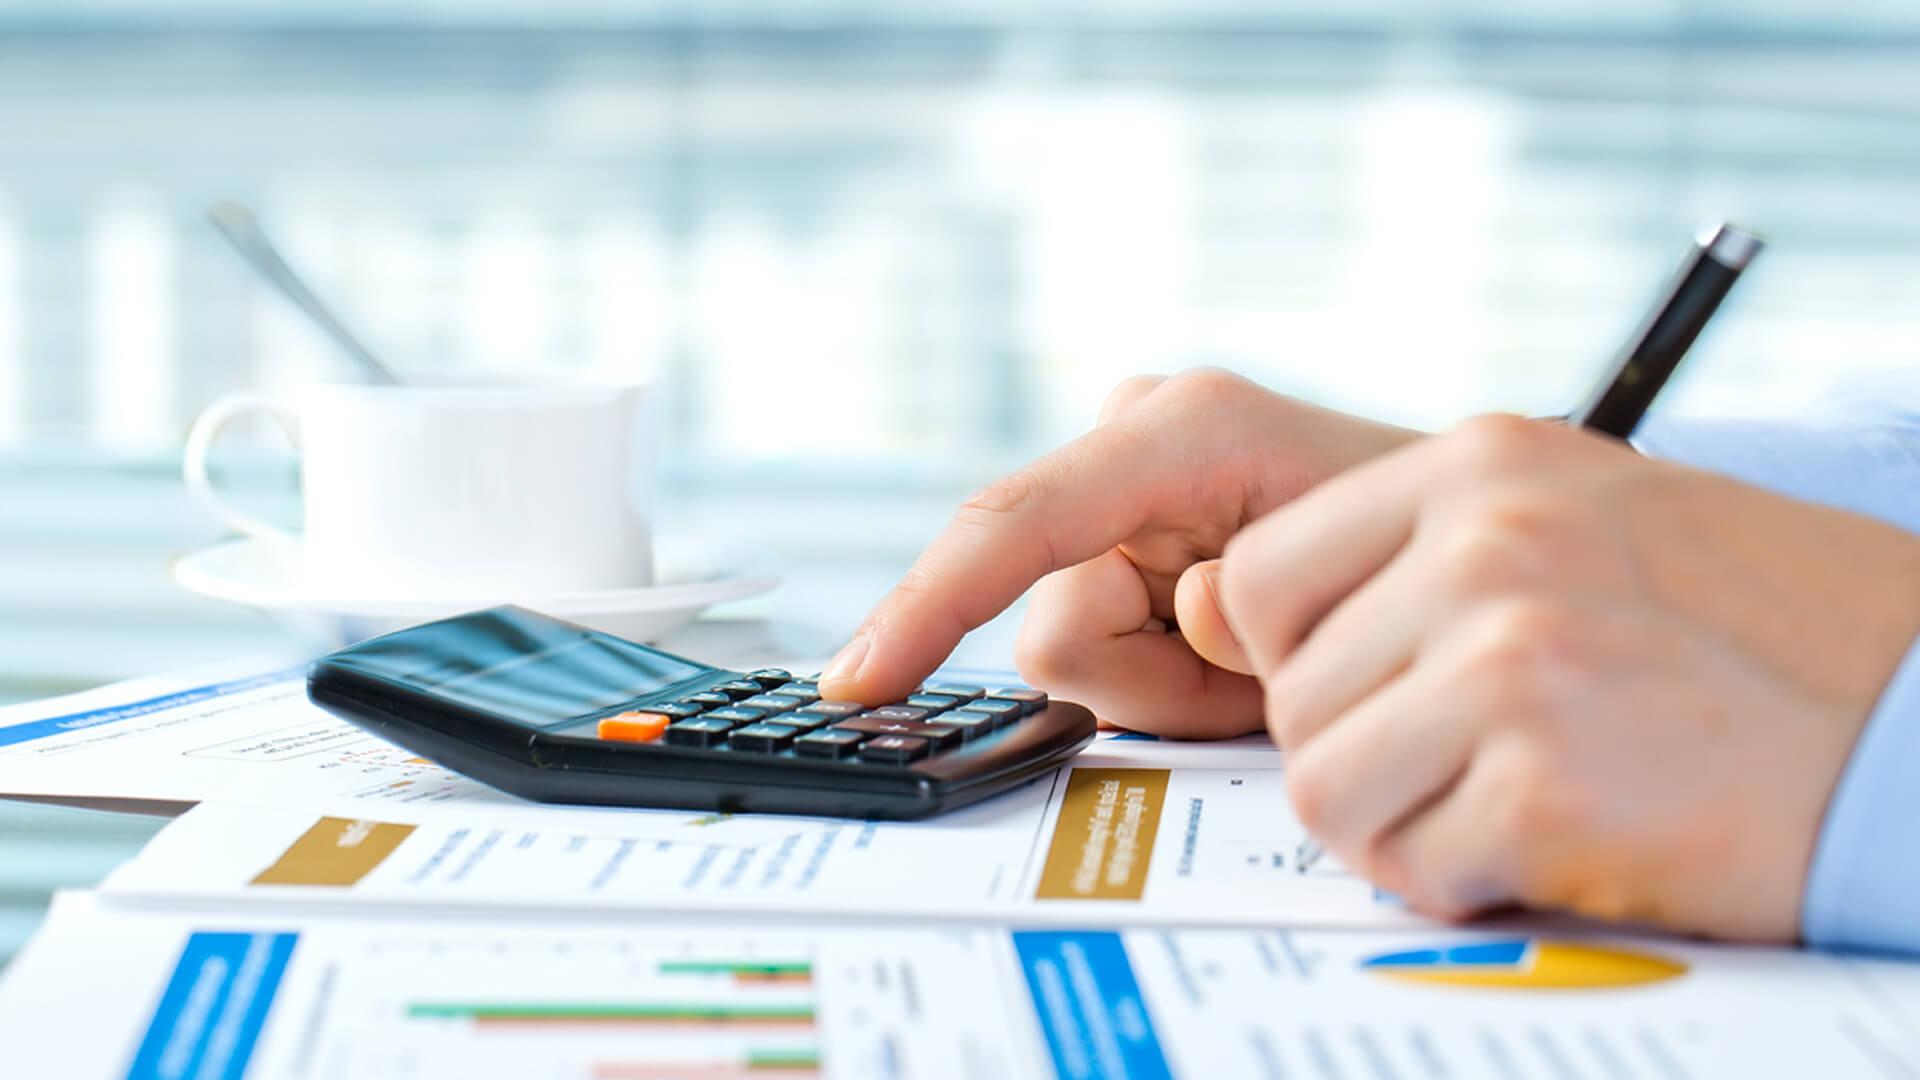 Reunificar las deudas para pagar menos. Qué y cómo es